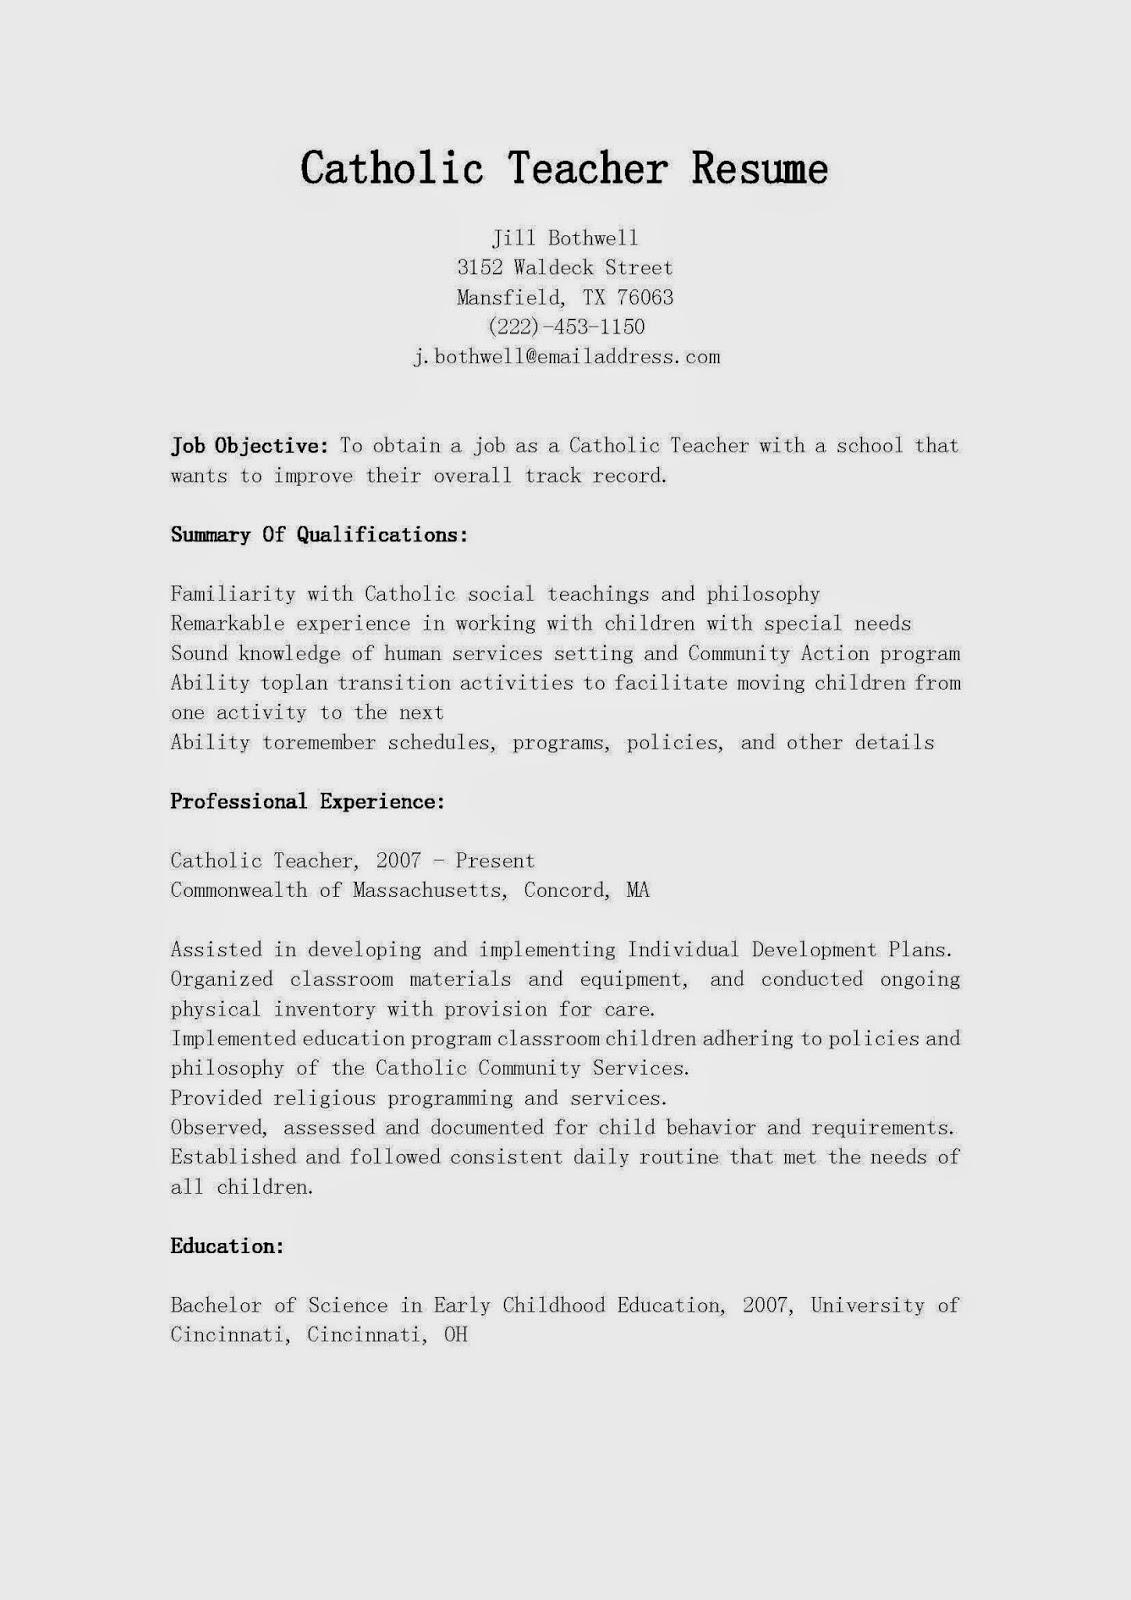 resume samples  catholic teacher resume sample